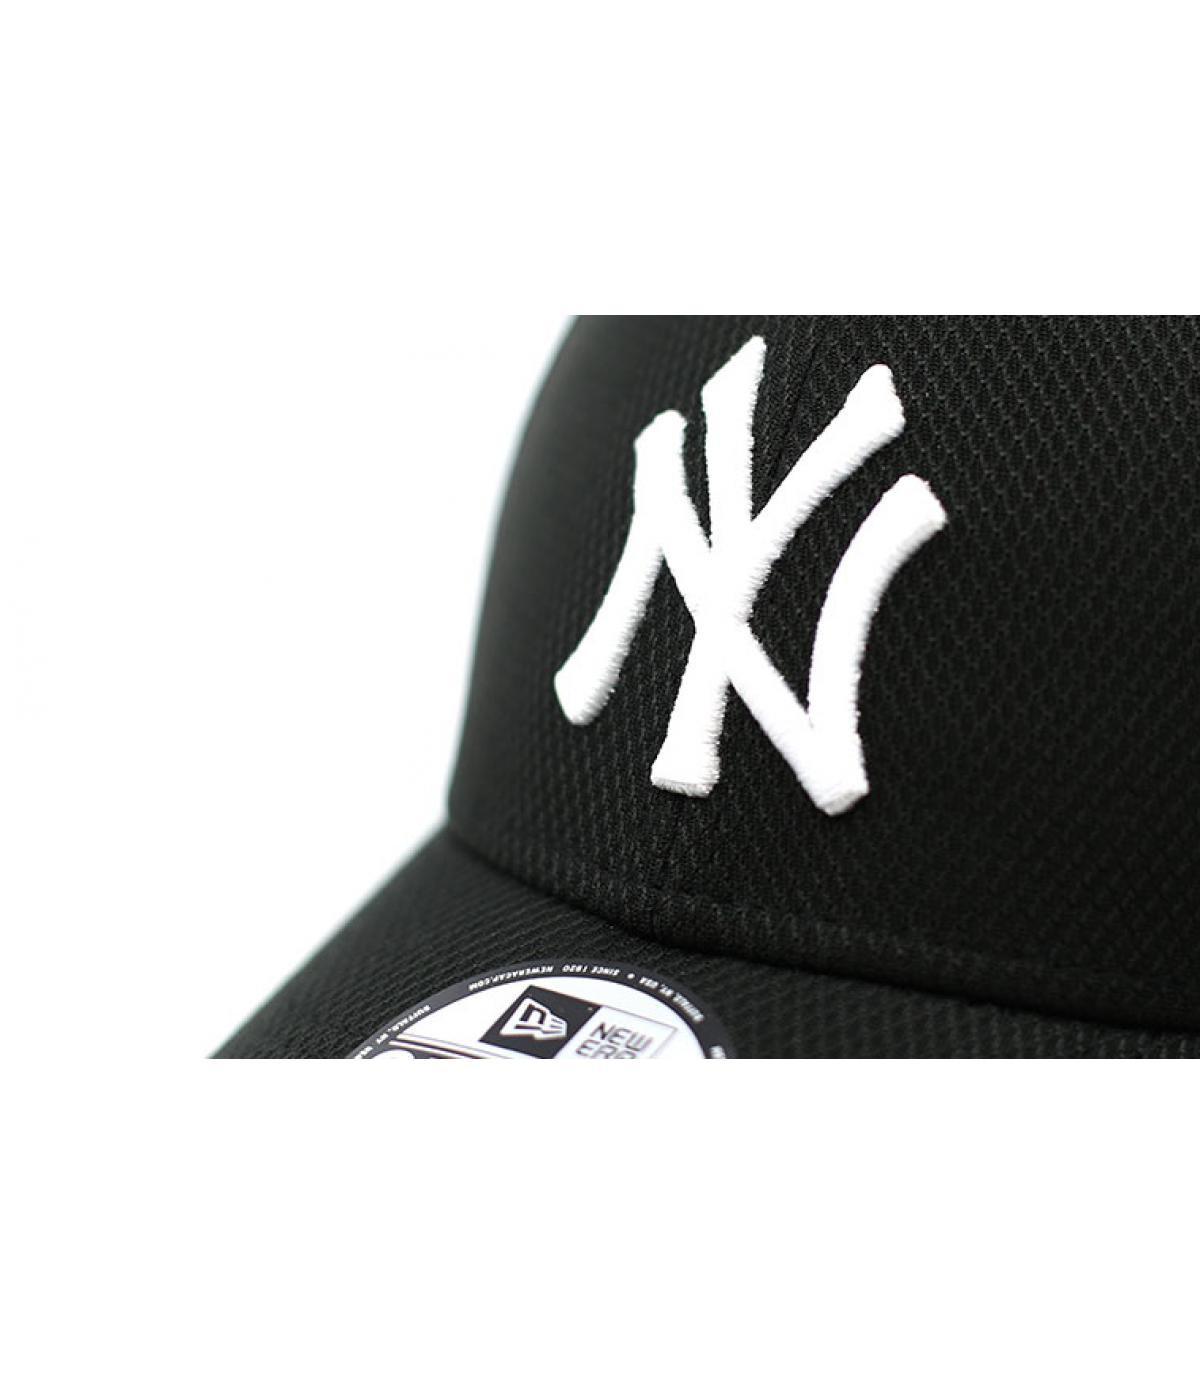 Details NY Diamond Era 9Forty black white - afbeeling 3